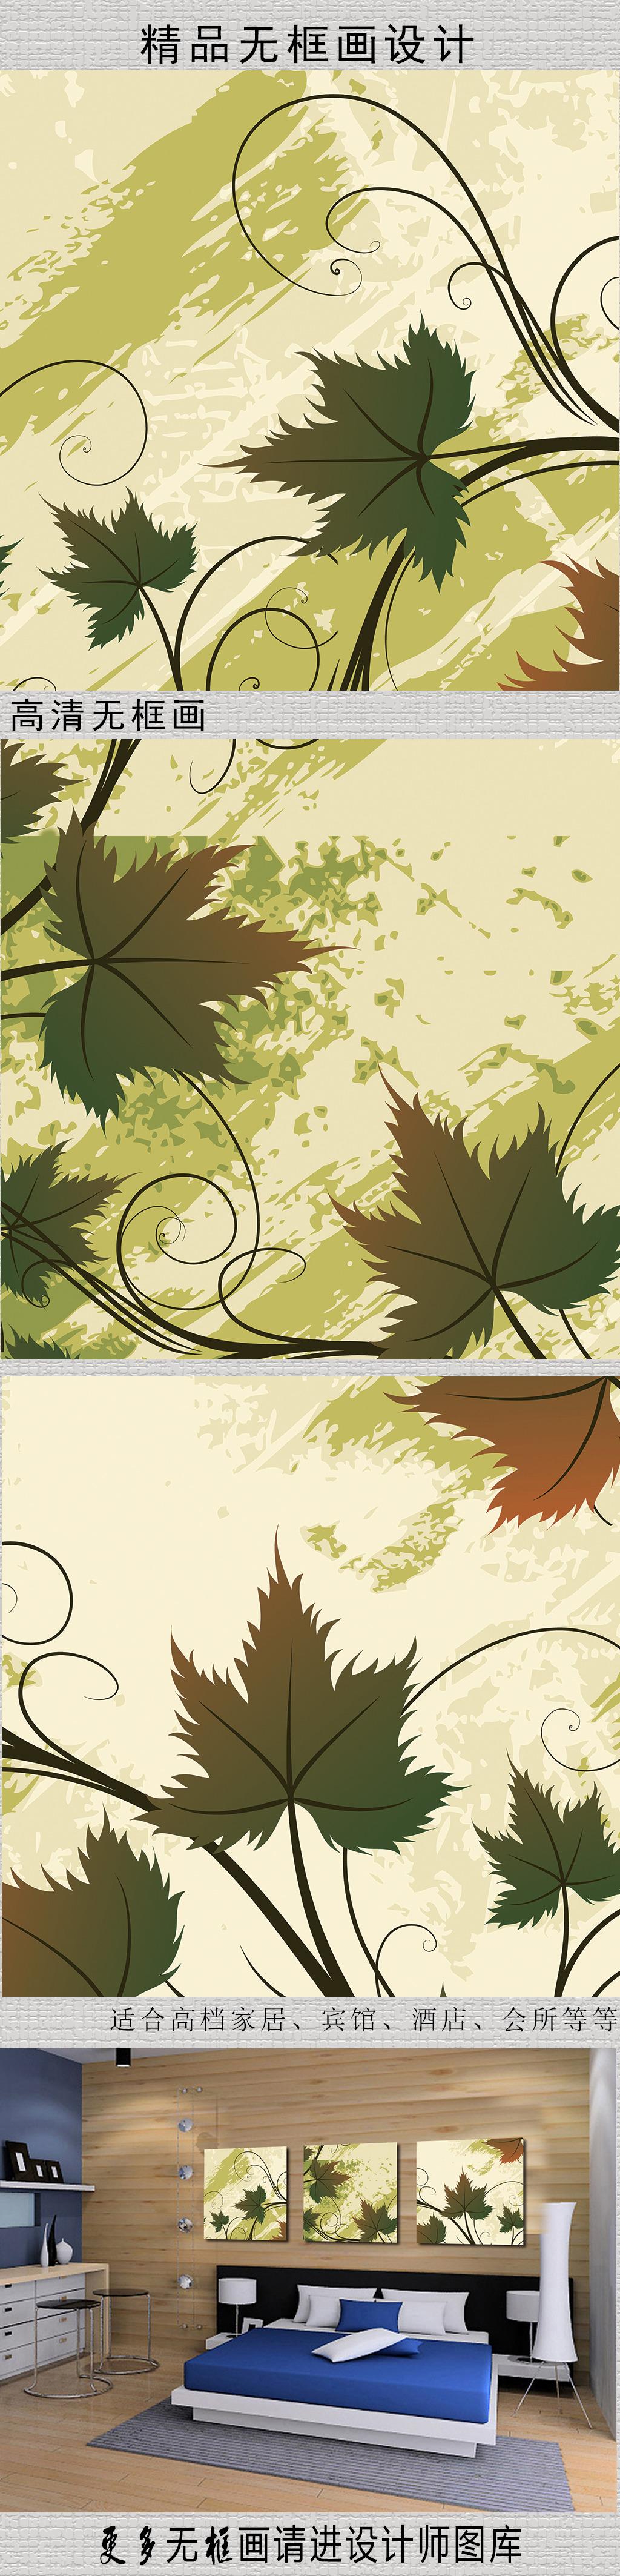 手绘唯美树叶无框画高清